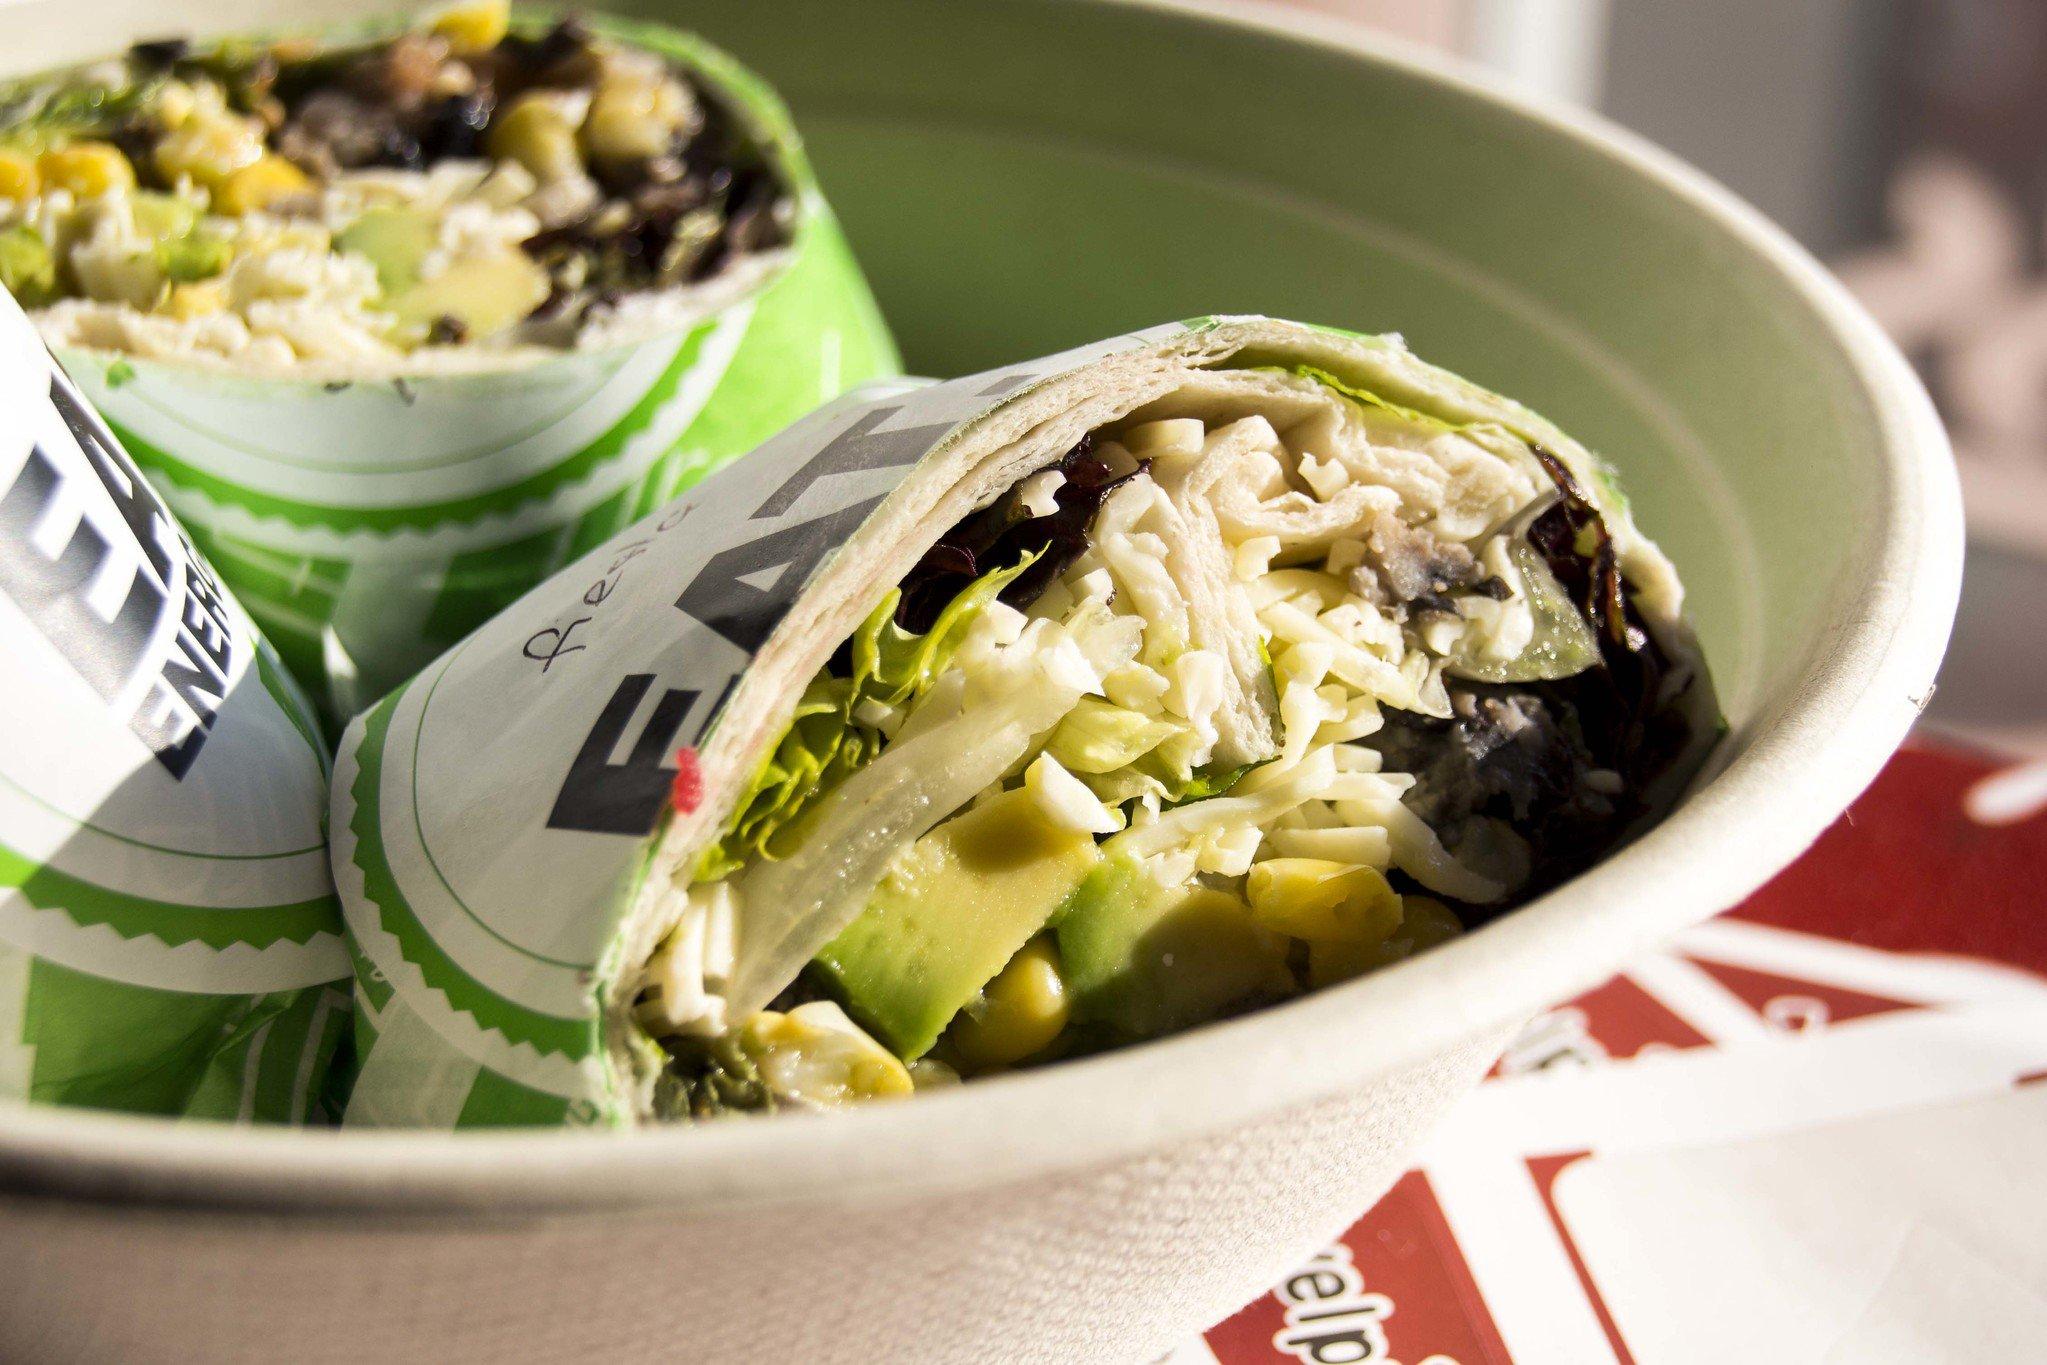 Freshii burrito healthy Toronto food